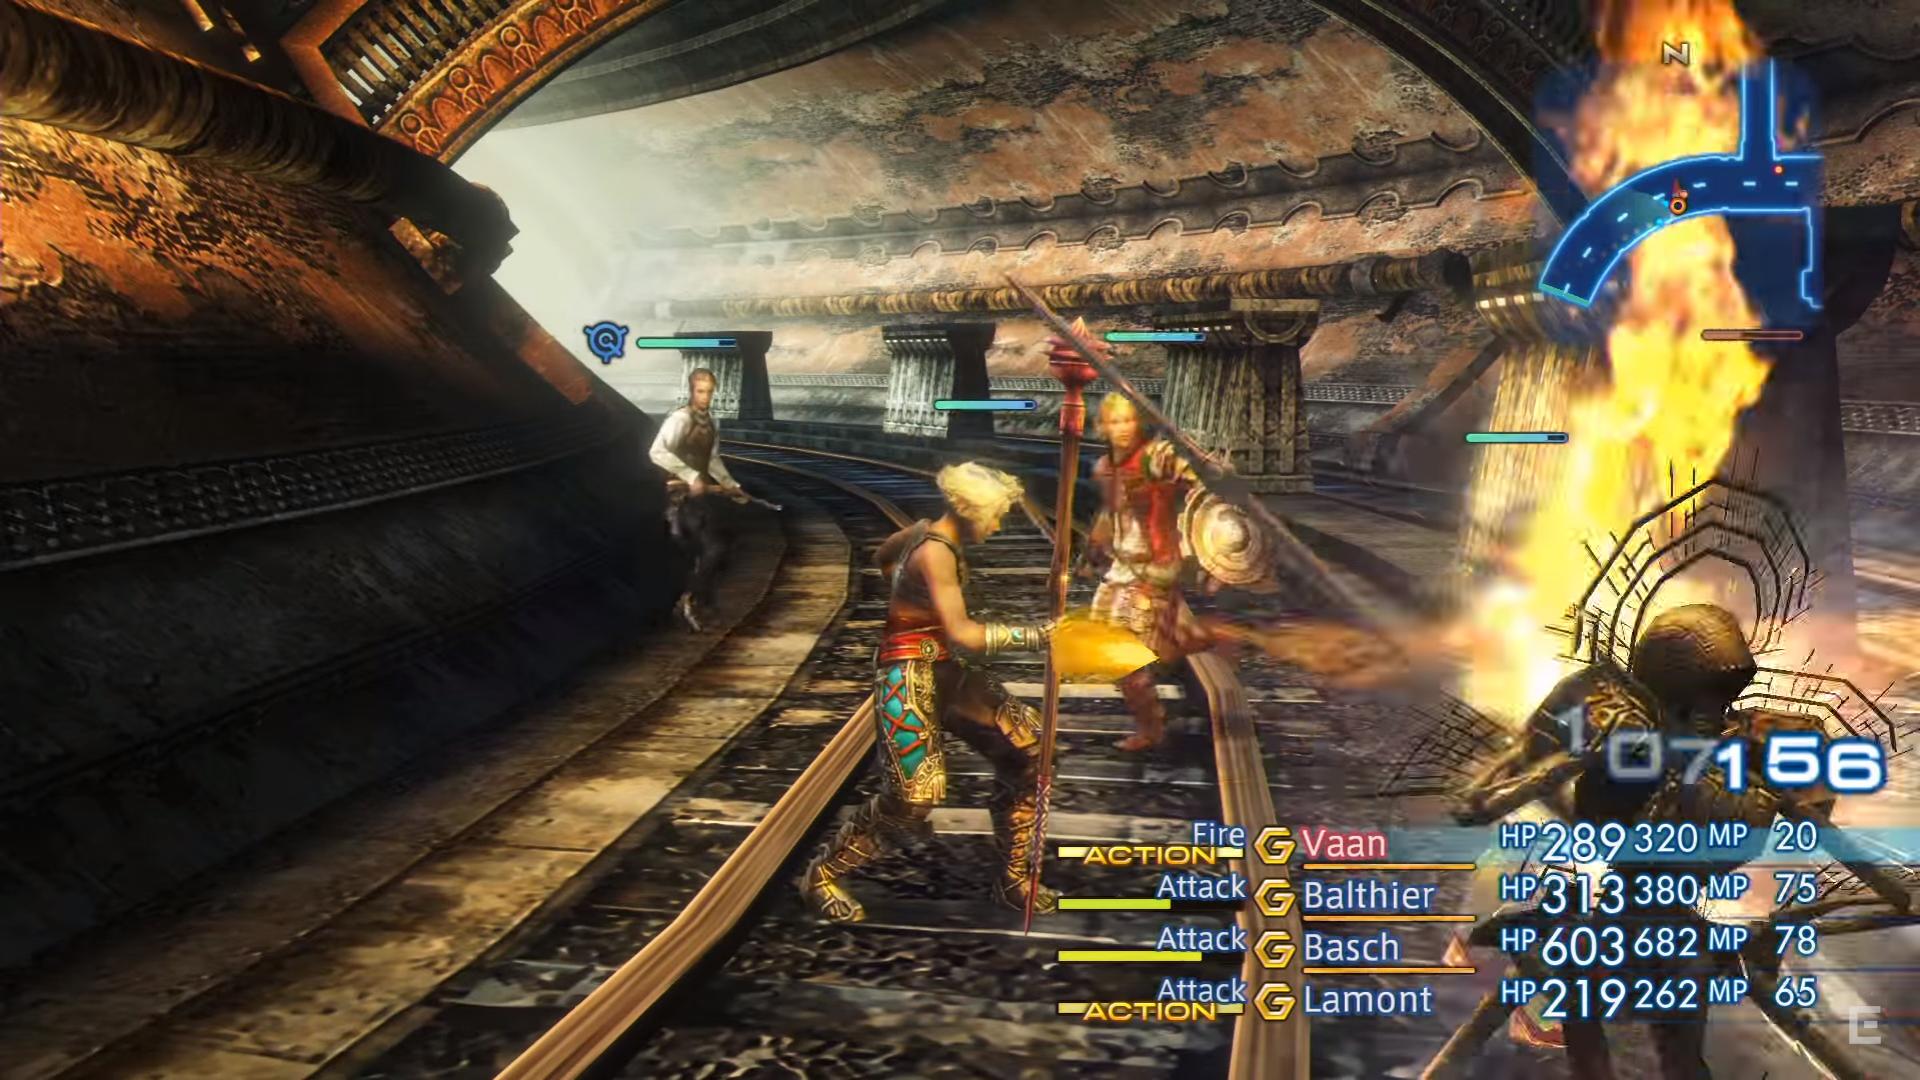 Square Enix anuncia Final Fantasy XII The Zodiac Age para PlayStation 4. Detalles y tráiler de la remasterización en HD